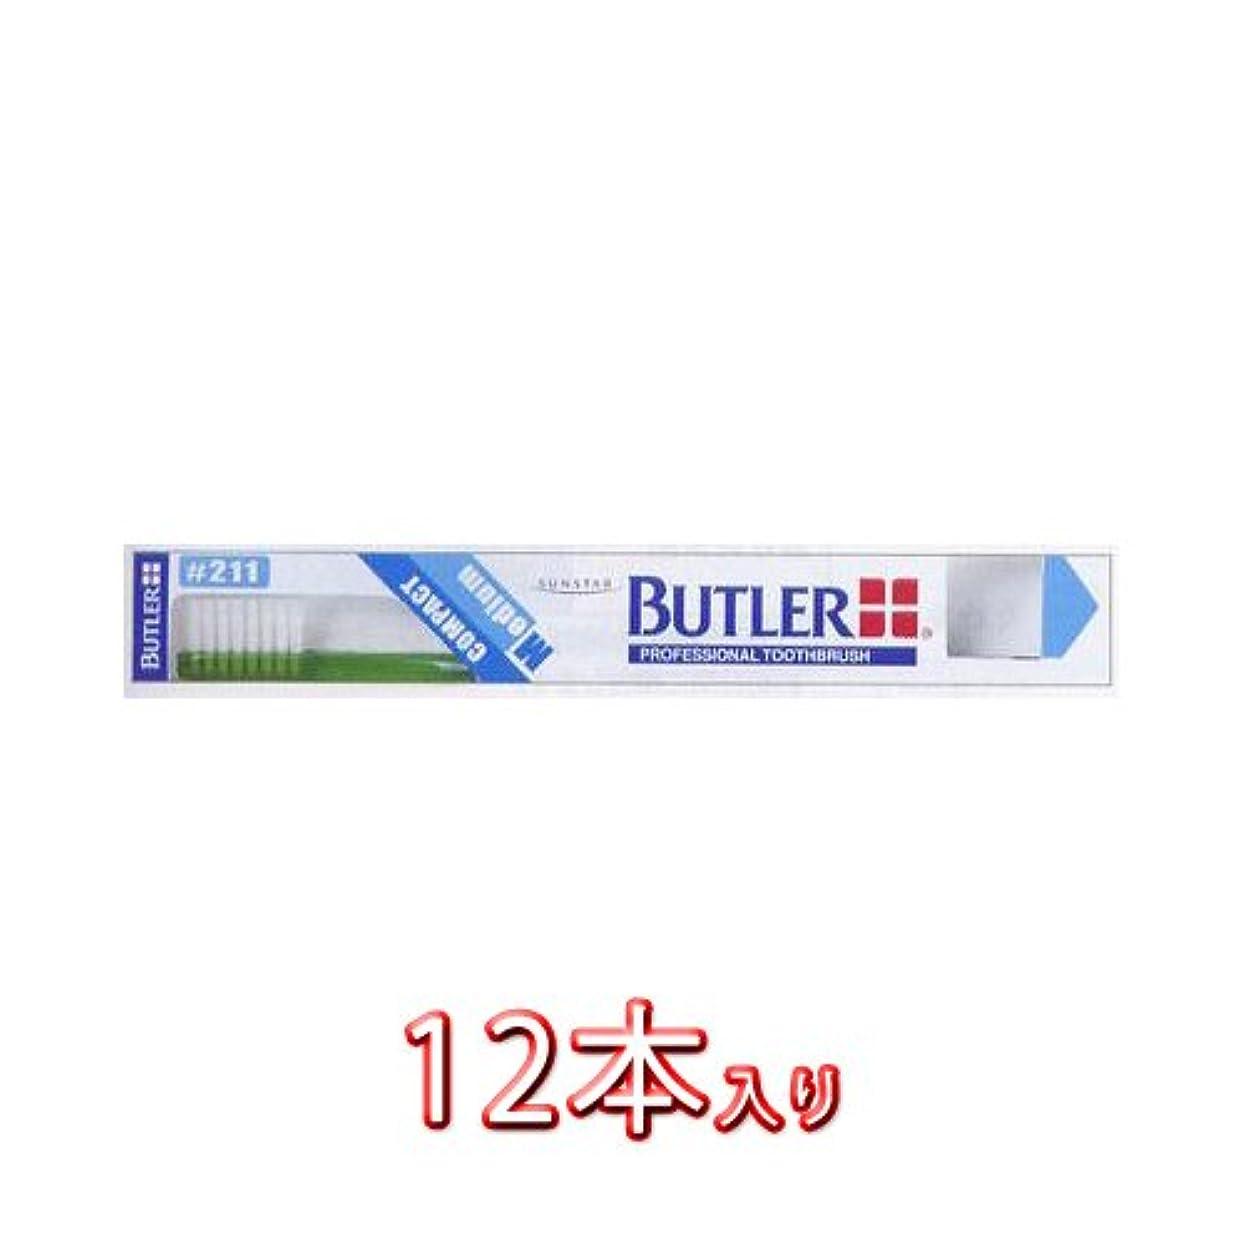 百ムスタチオ受け皿バトラー 歯ブラシ #211 12本入